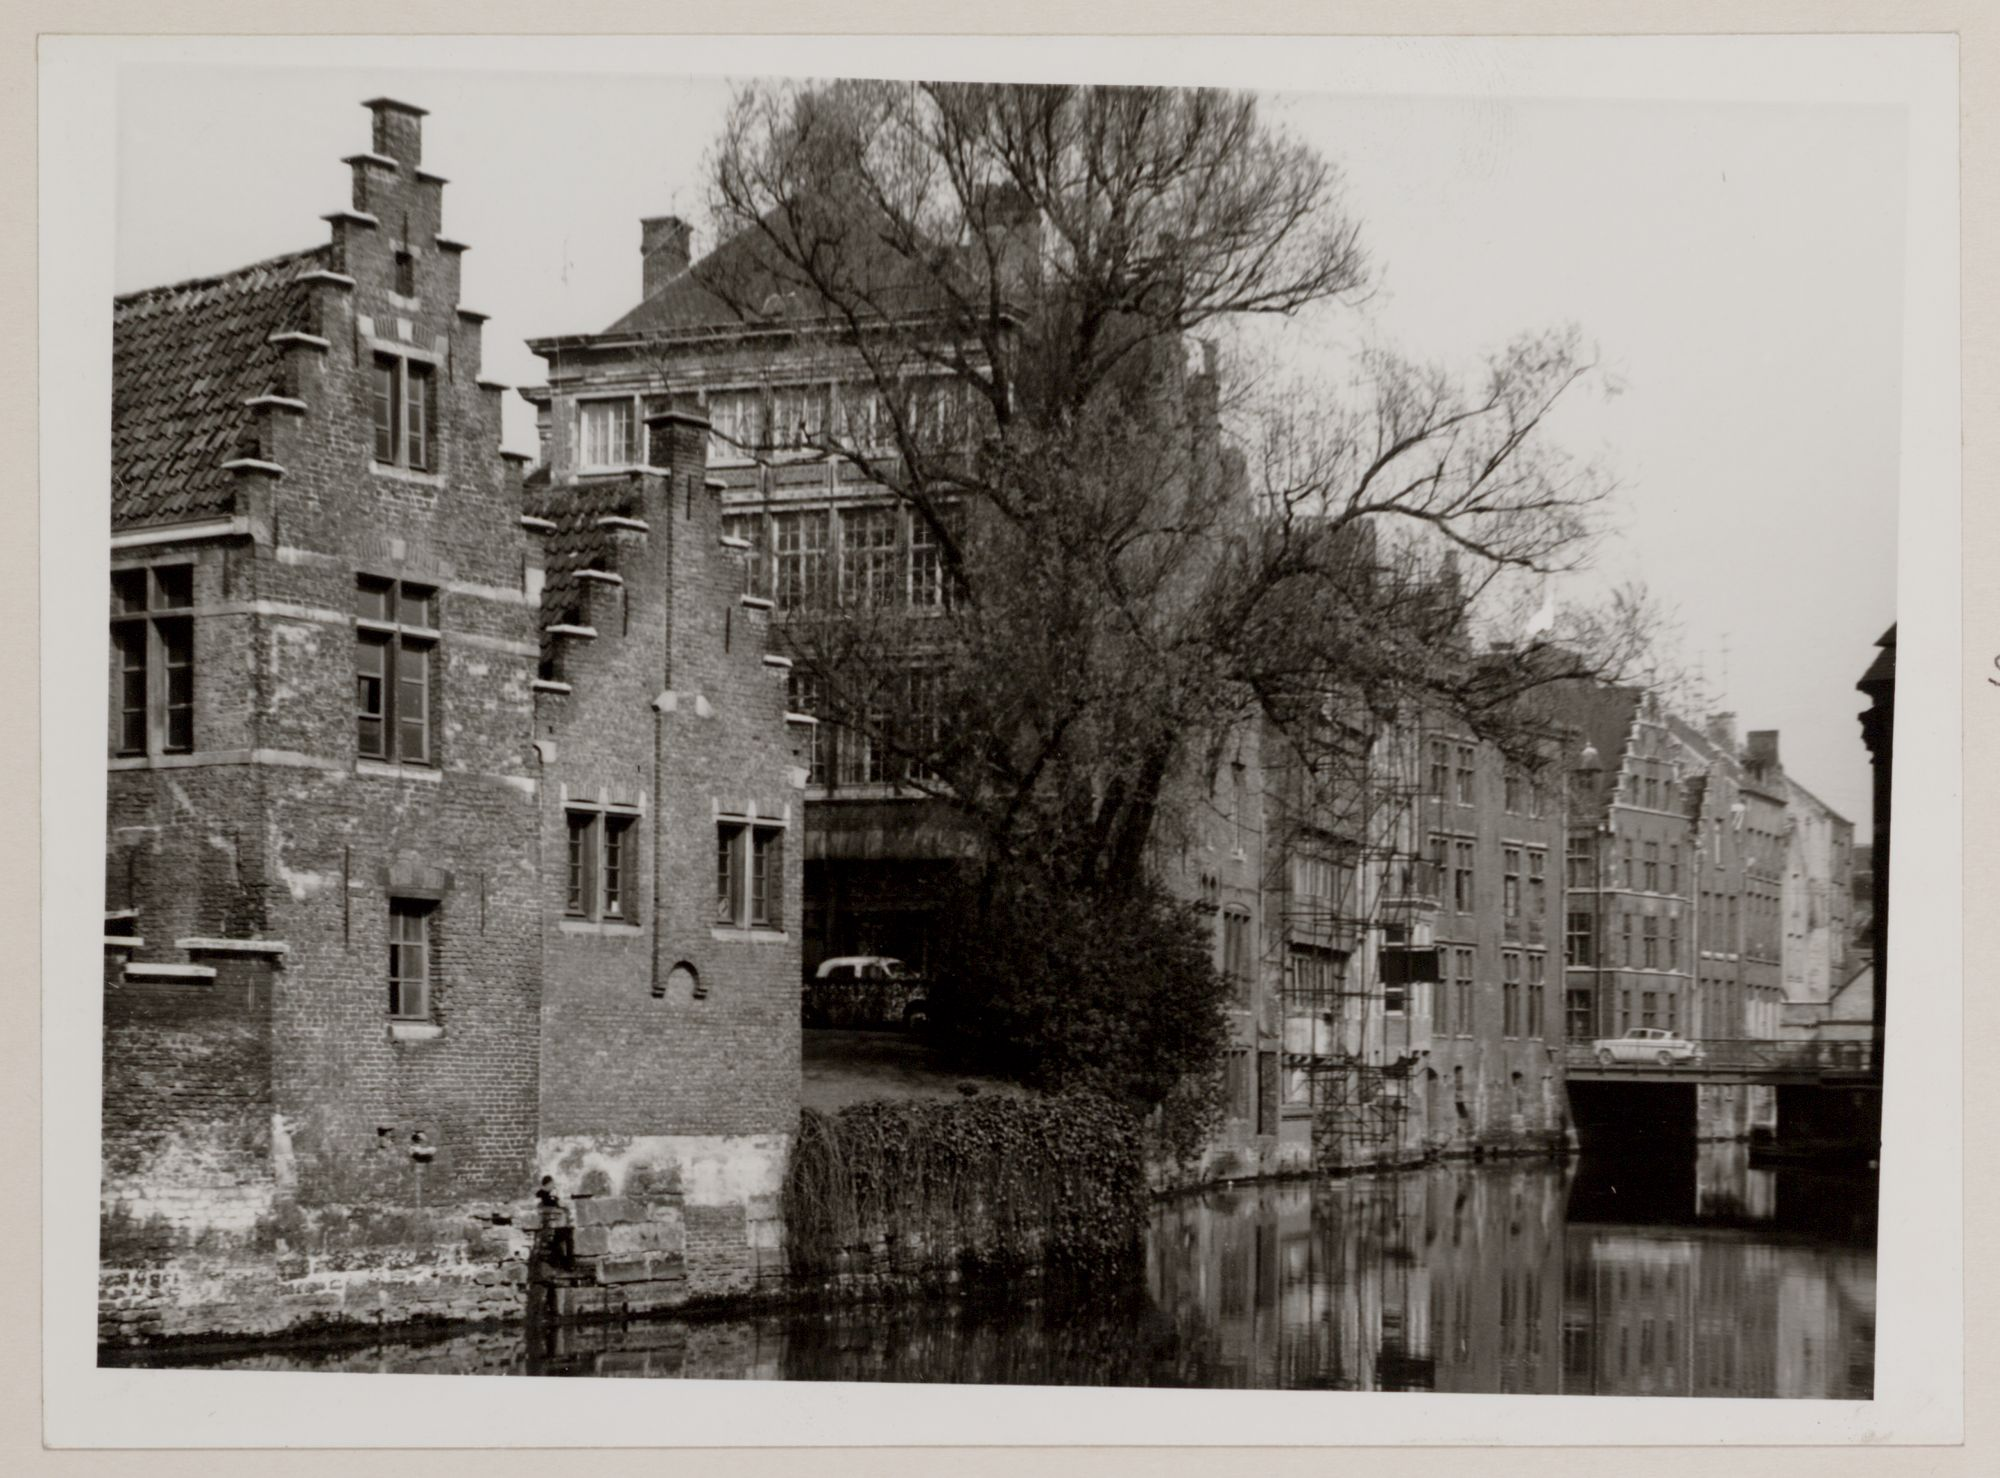 Gent: Gevelrij aan de Lieve